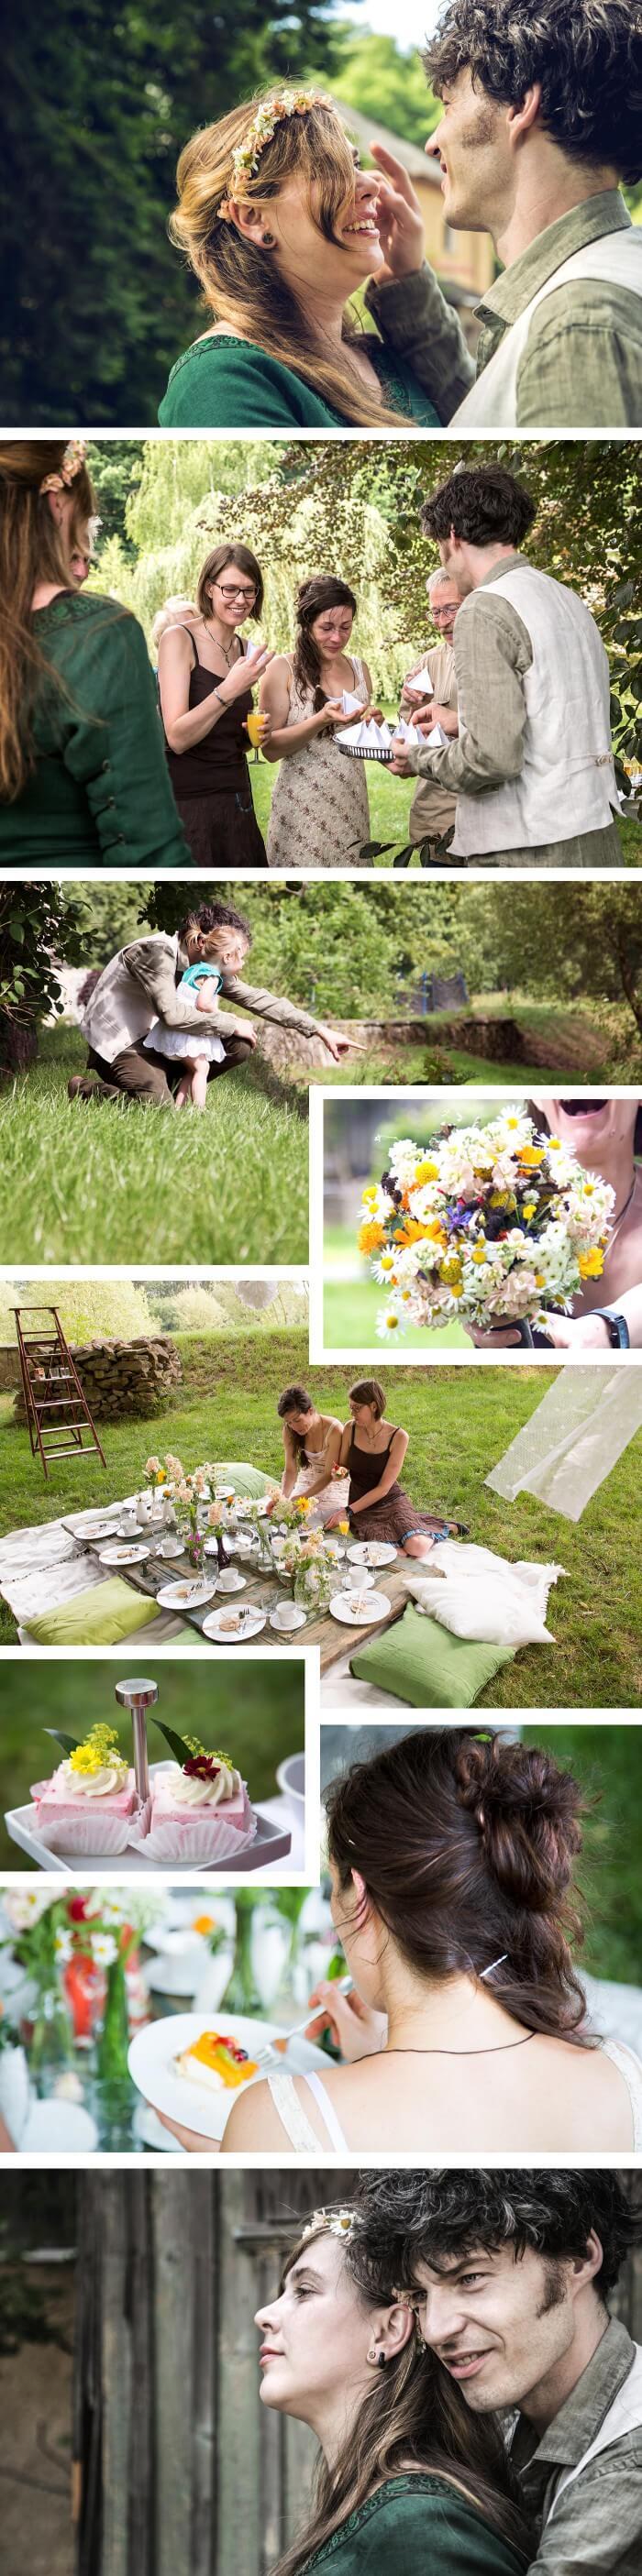 Picknick Hochzeit mit Picknick